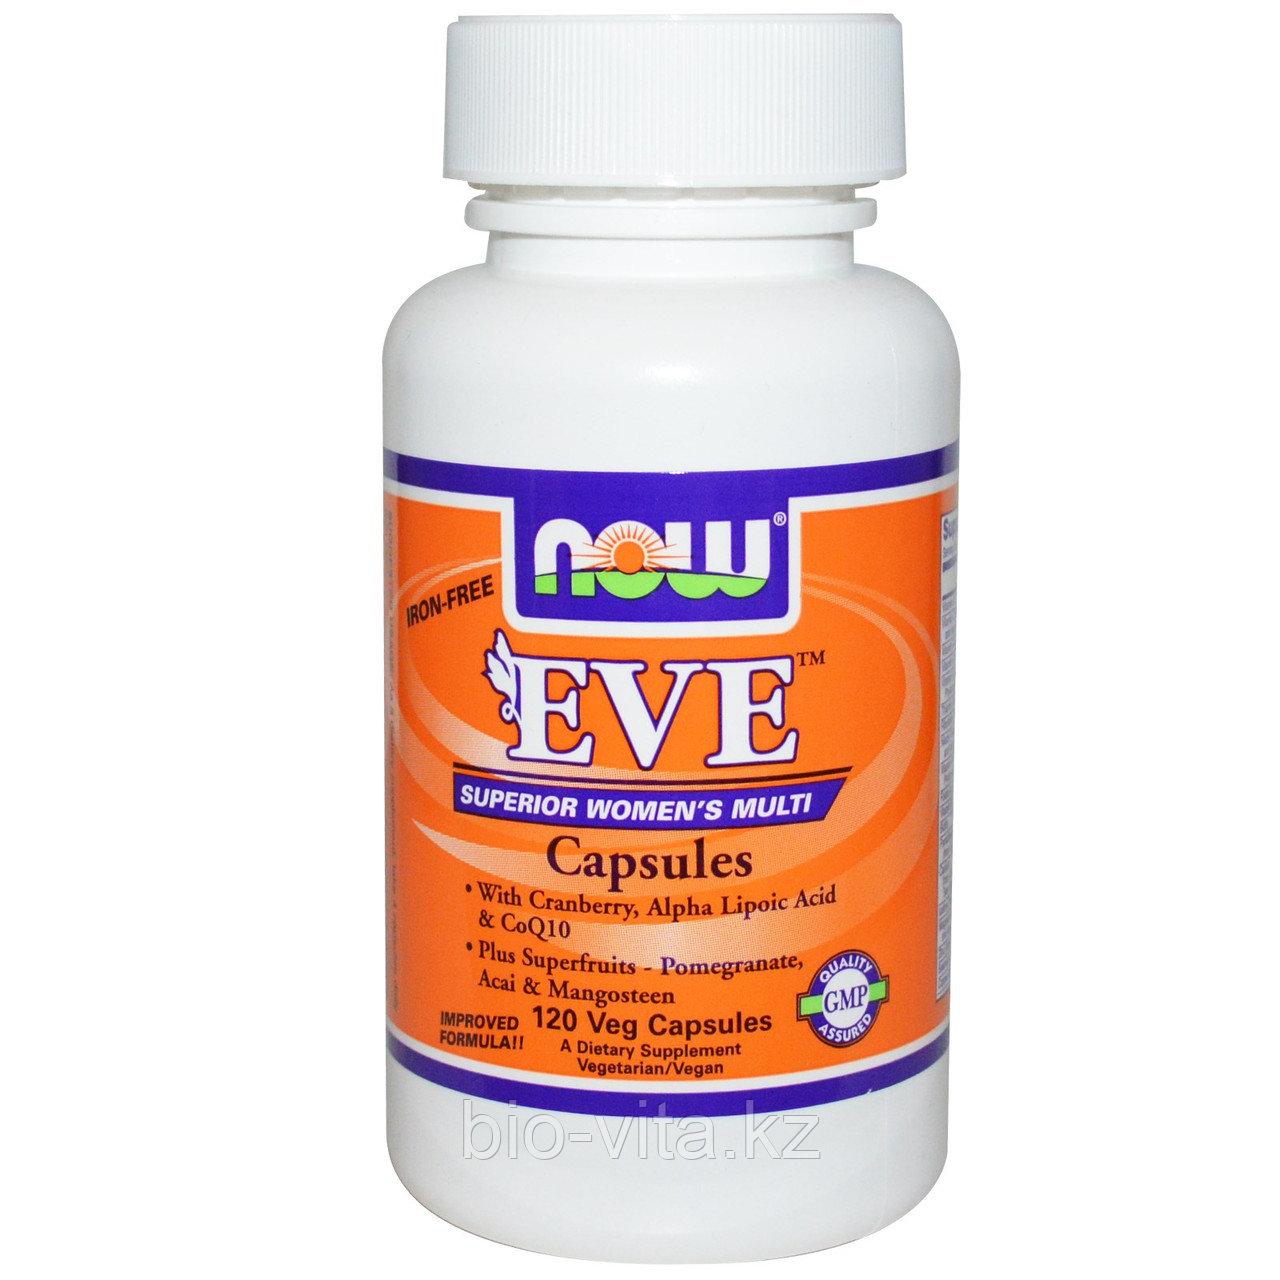 Мультивитамины для женщин в капсулах, без железа, 120 вегетарианских капсул. Eve. ЕВА. Now Foods